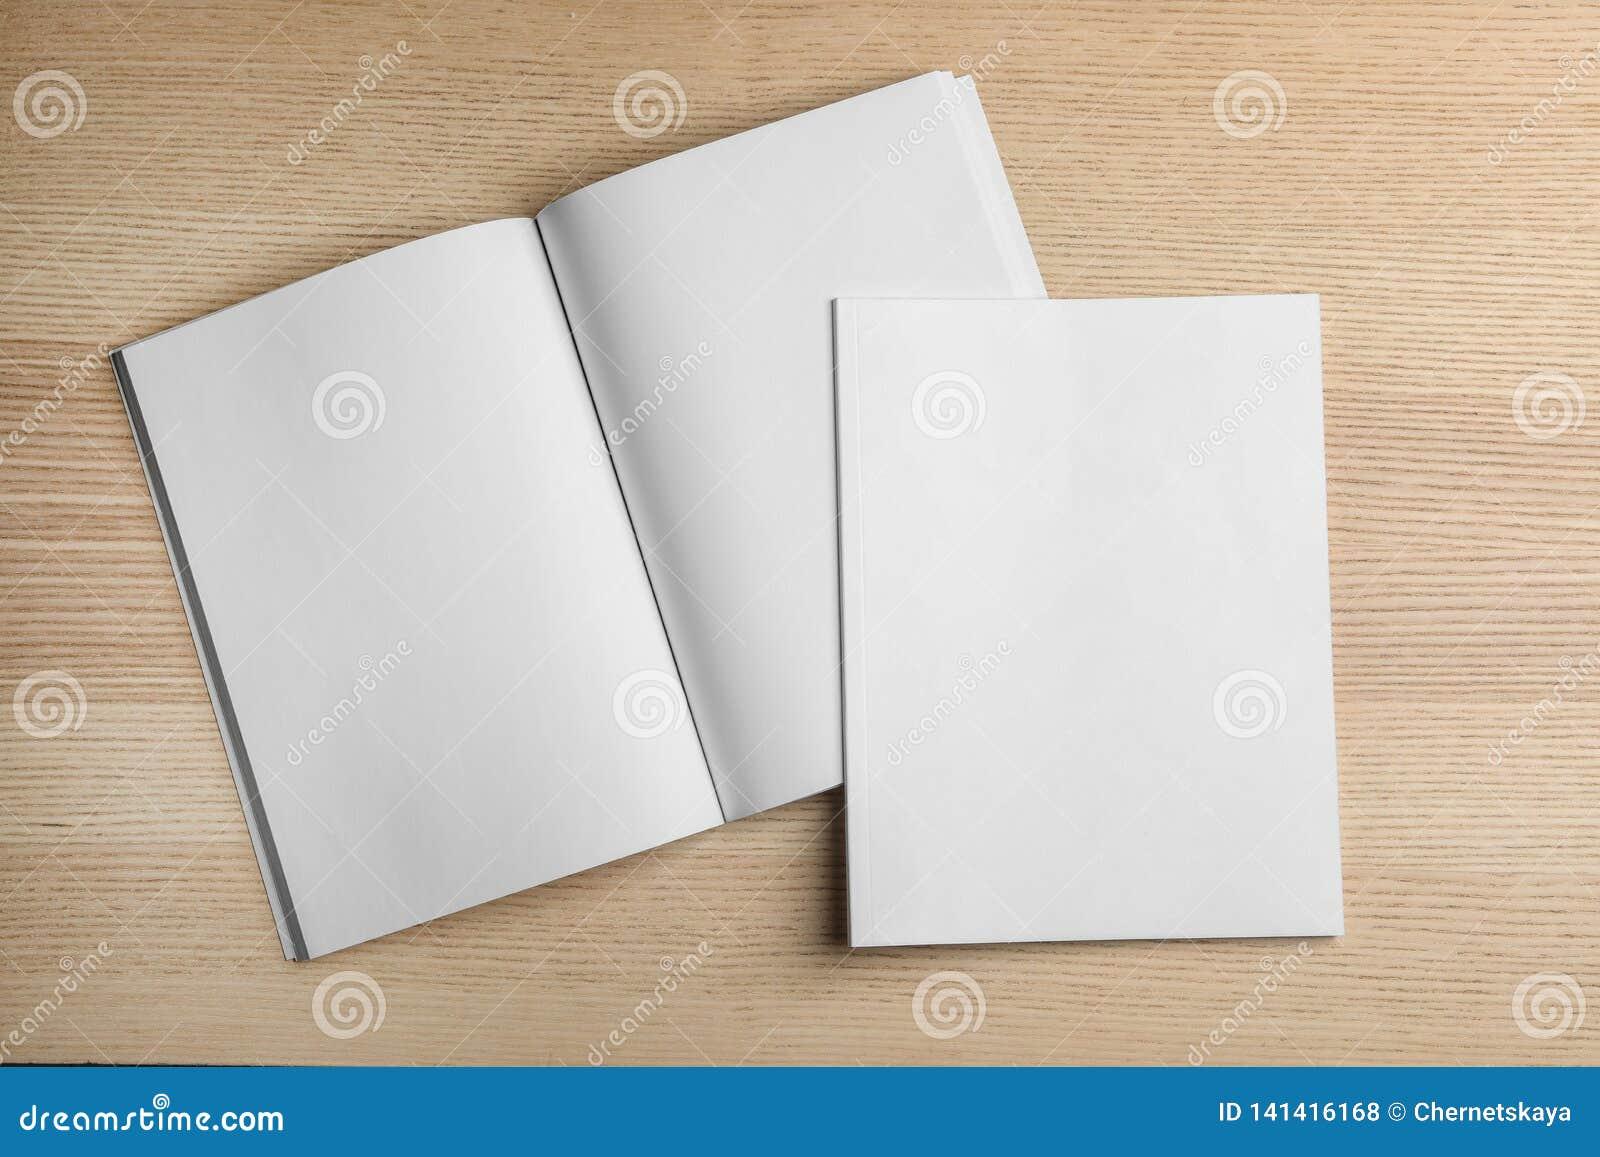 在木背景,顶视图的开放和闭合的空白的小册子